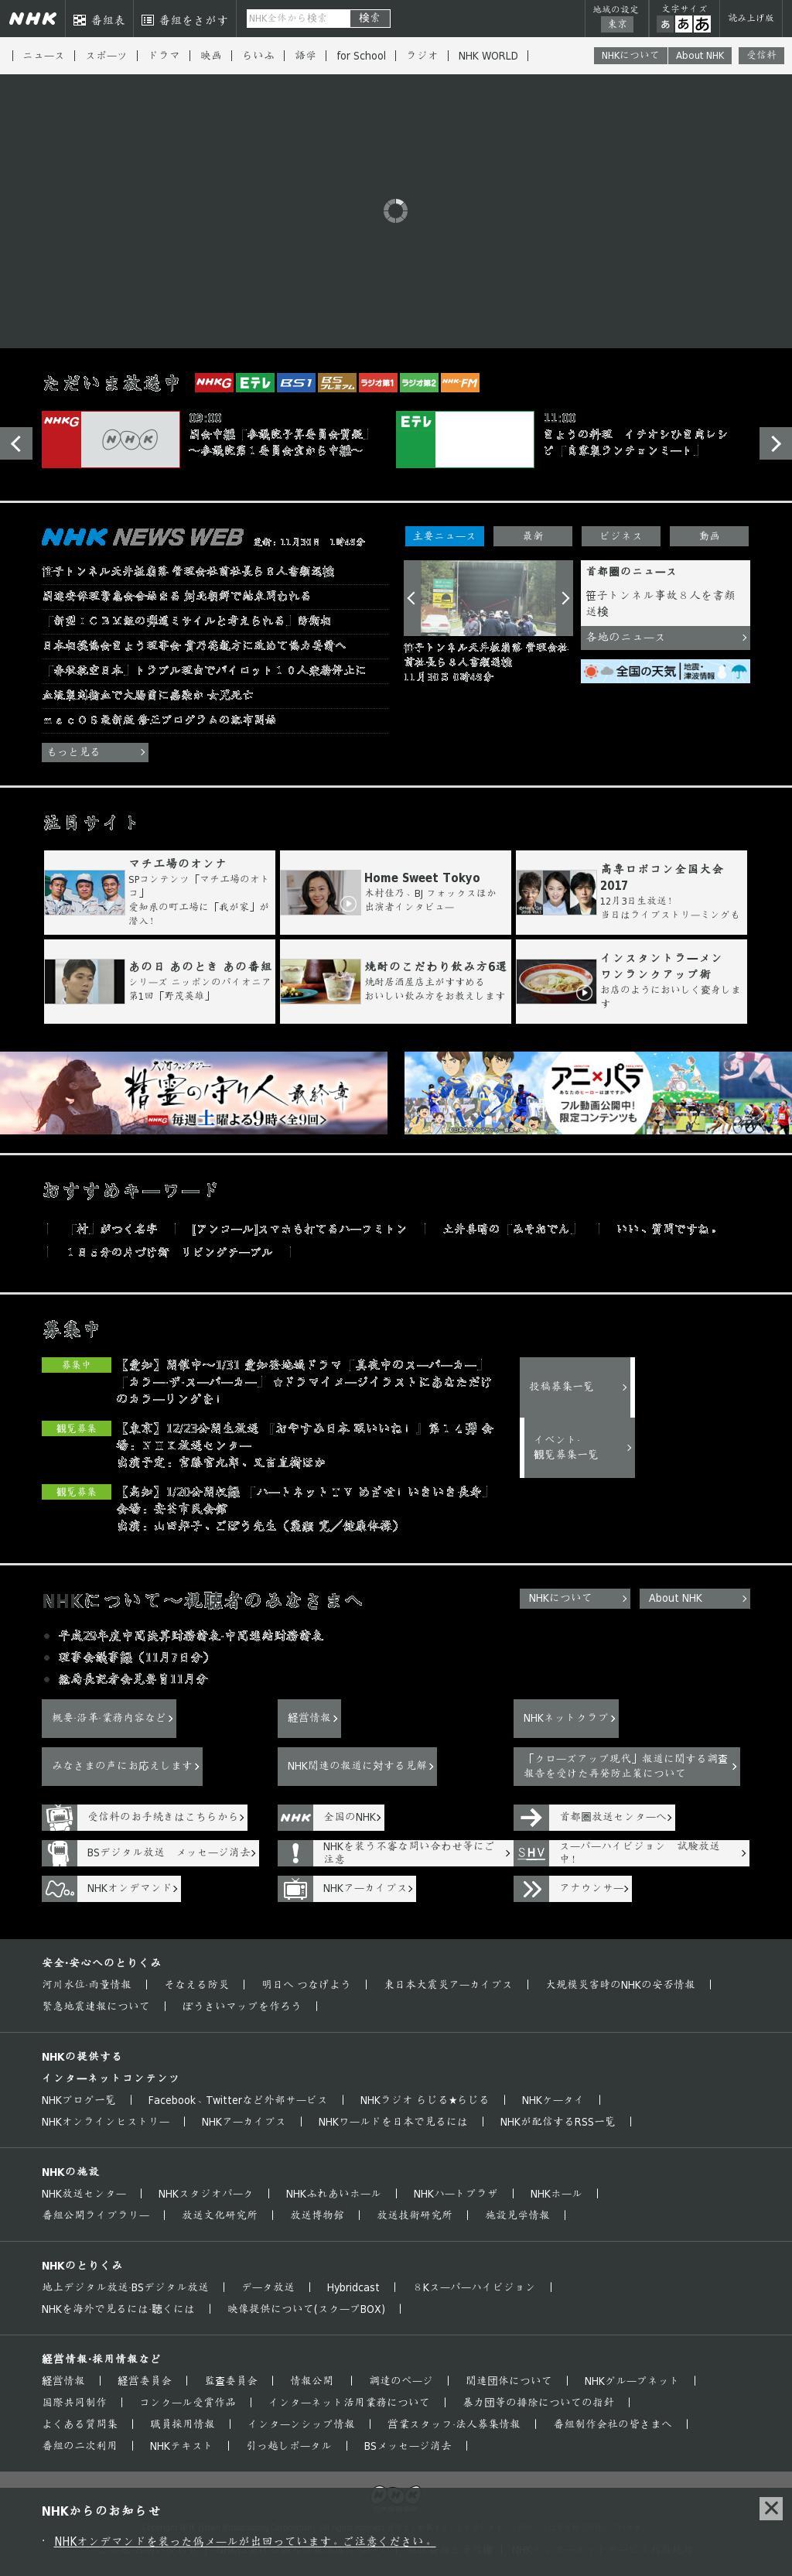 NHK Online at Thursday Jan. 4, 2018, 10:10 p.m. UTC